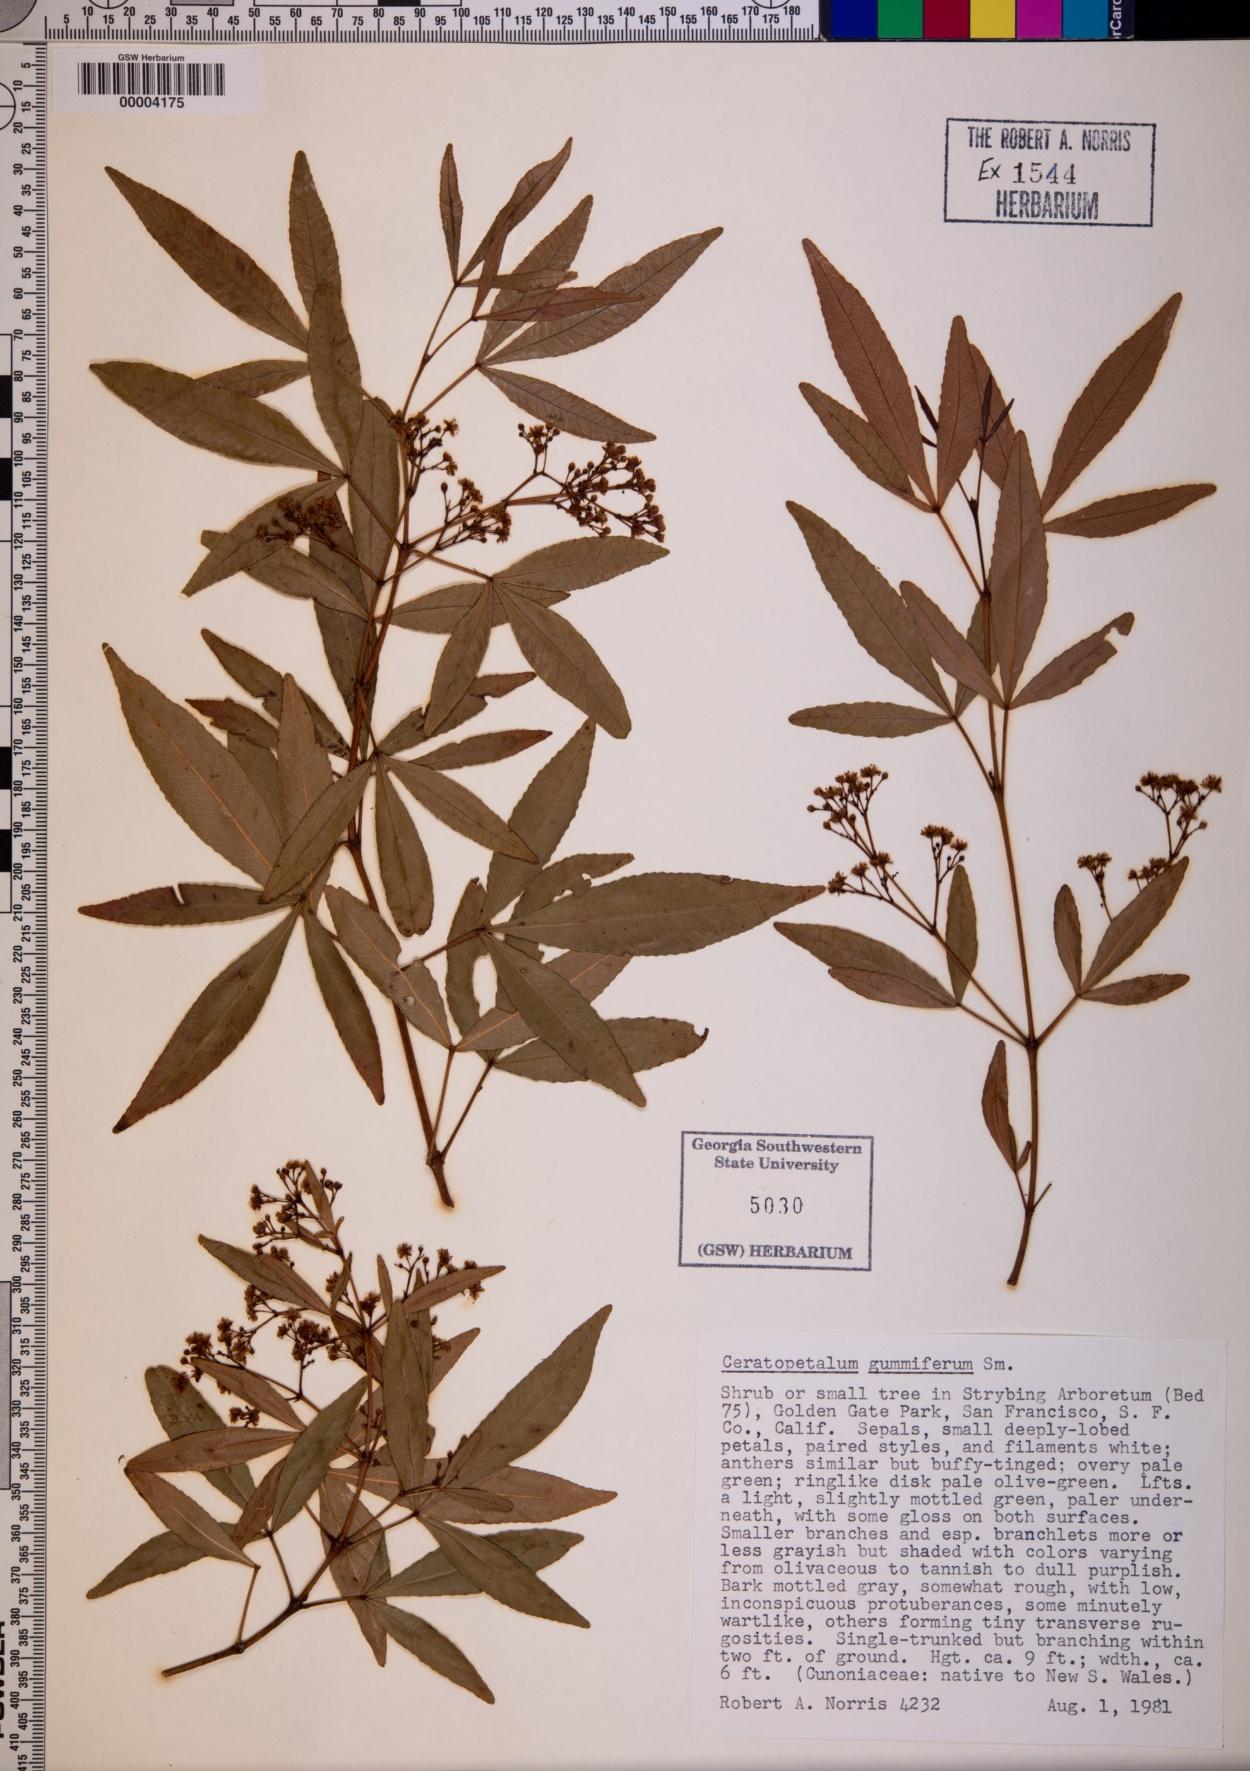 Ceratopetalum gummiferum image